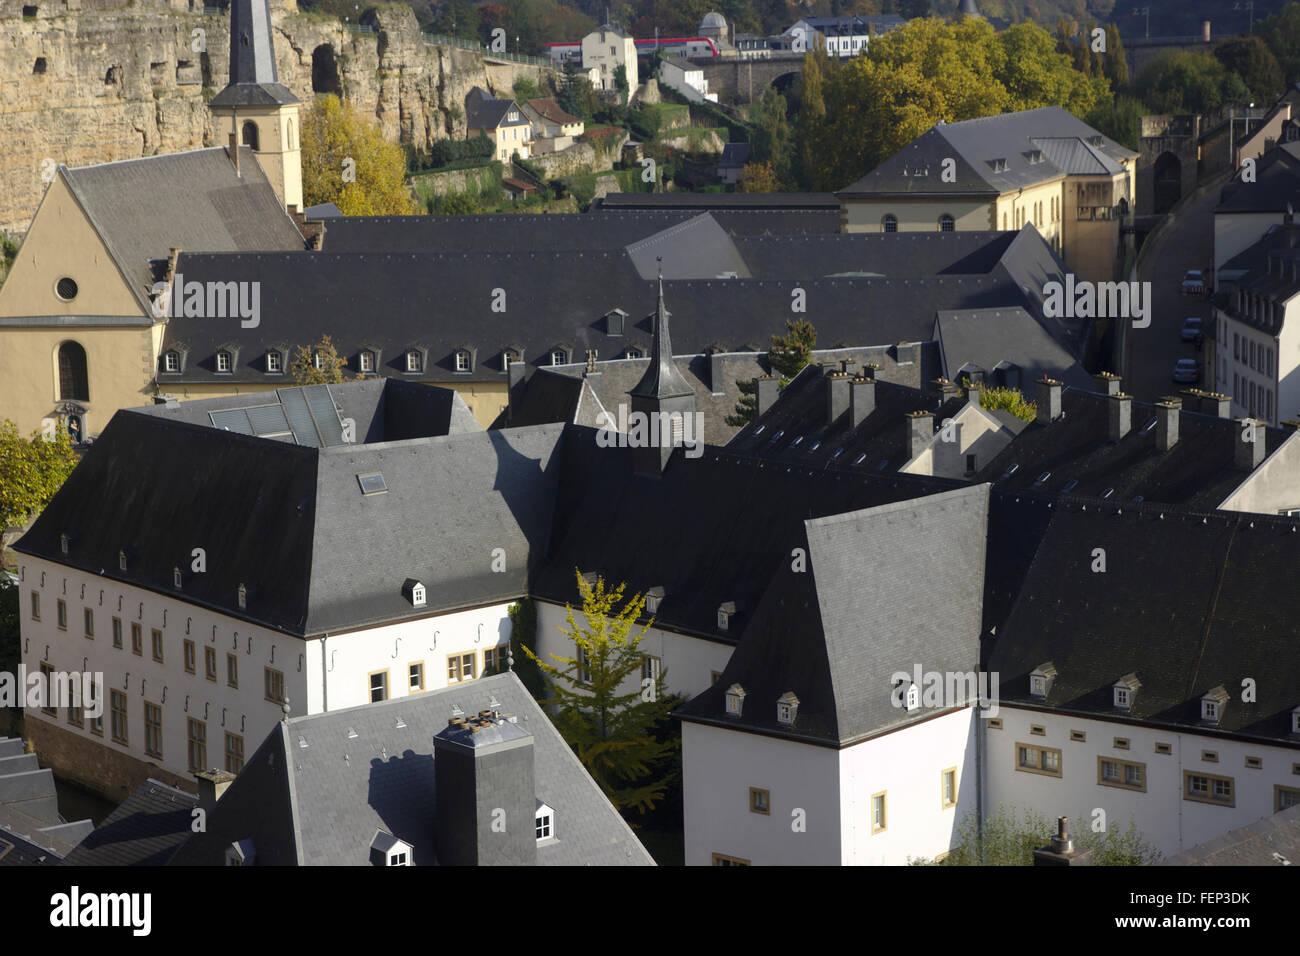 Luxemburg, Grund, Abtei Neumünster, Blick von der Corniche der Oberstadt zum Quartier Grund, Herbst Stockbild